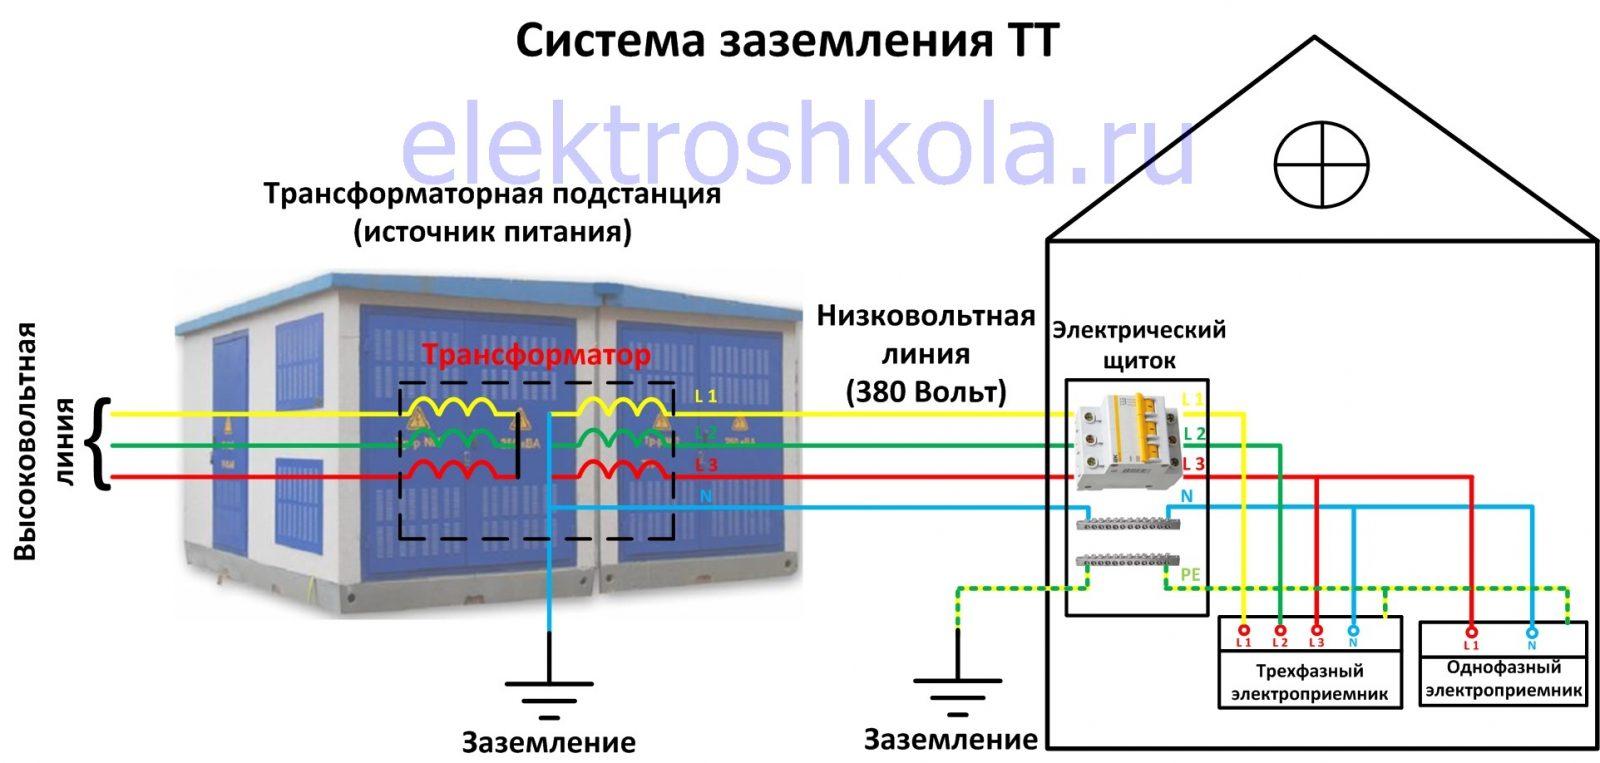 система заземления TT схема